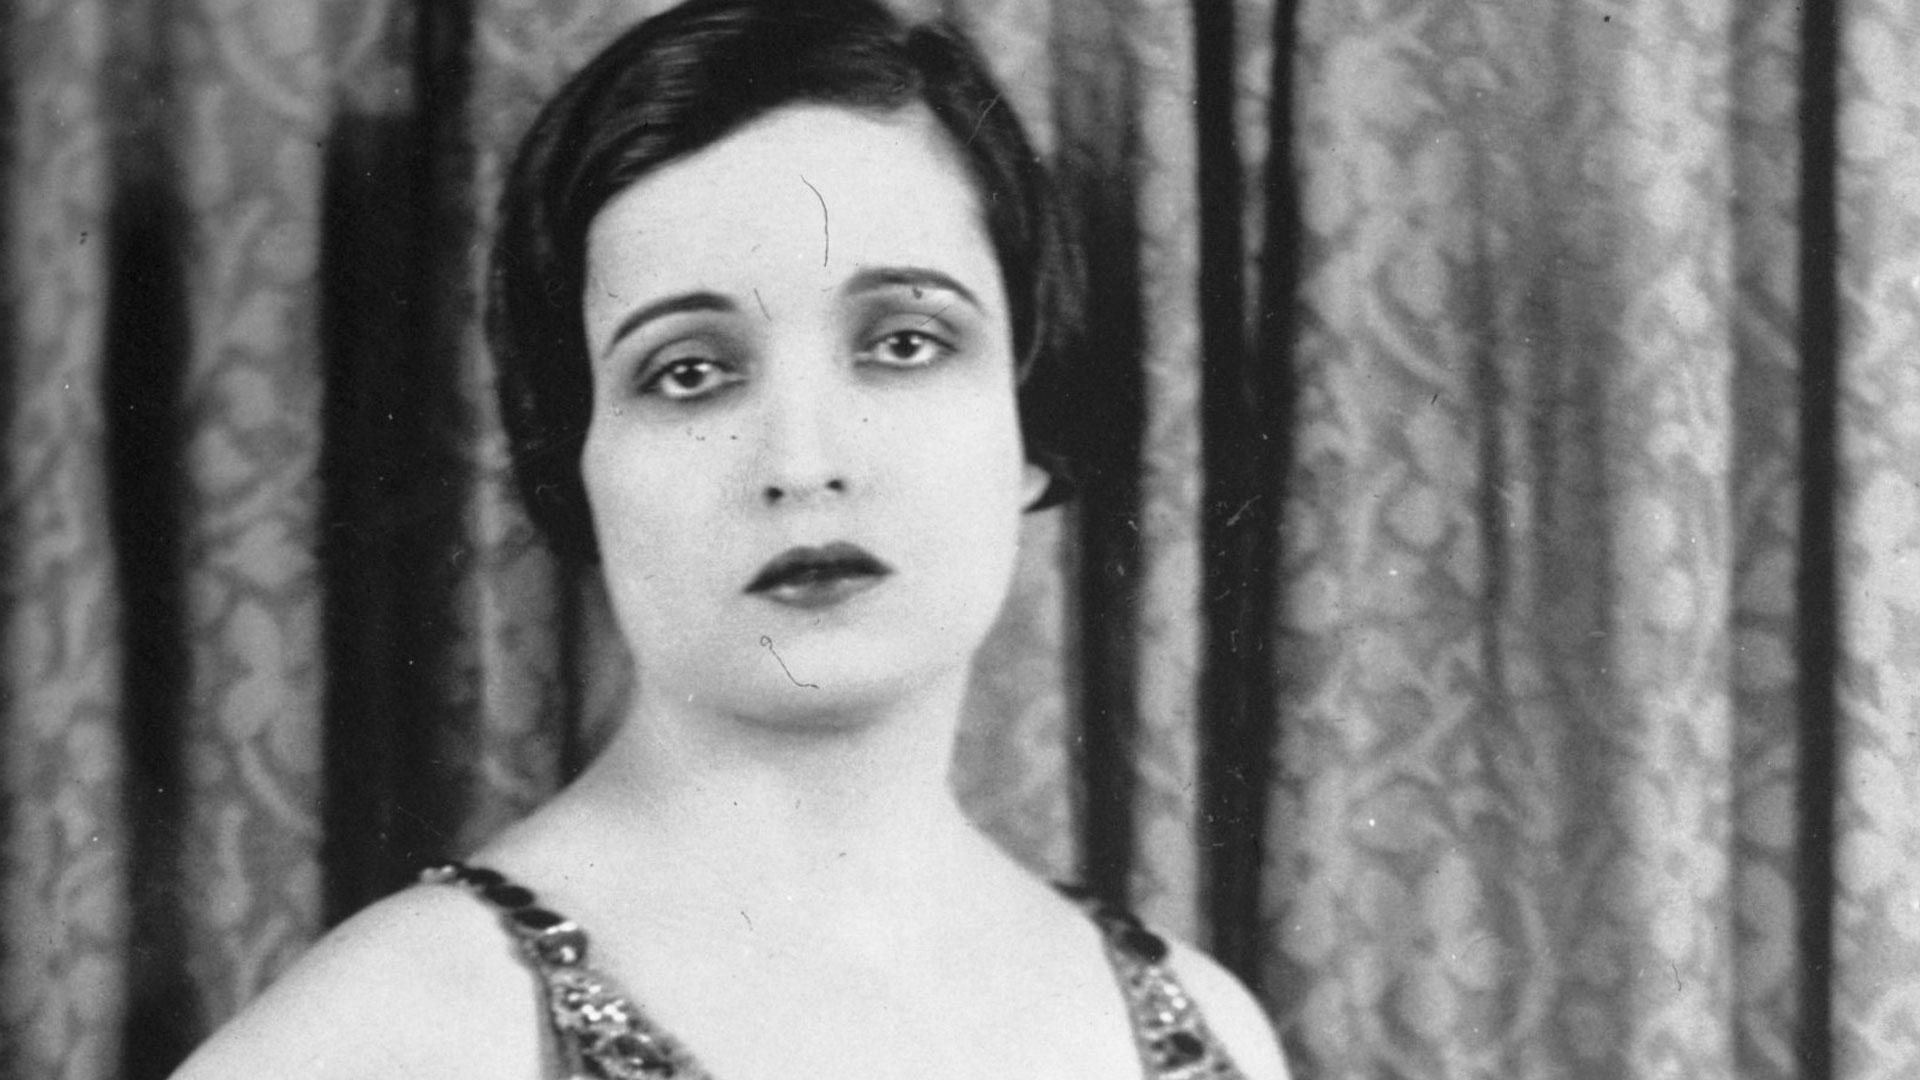 Histoire des cheveux courts, Alice Joyce en 1926